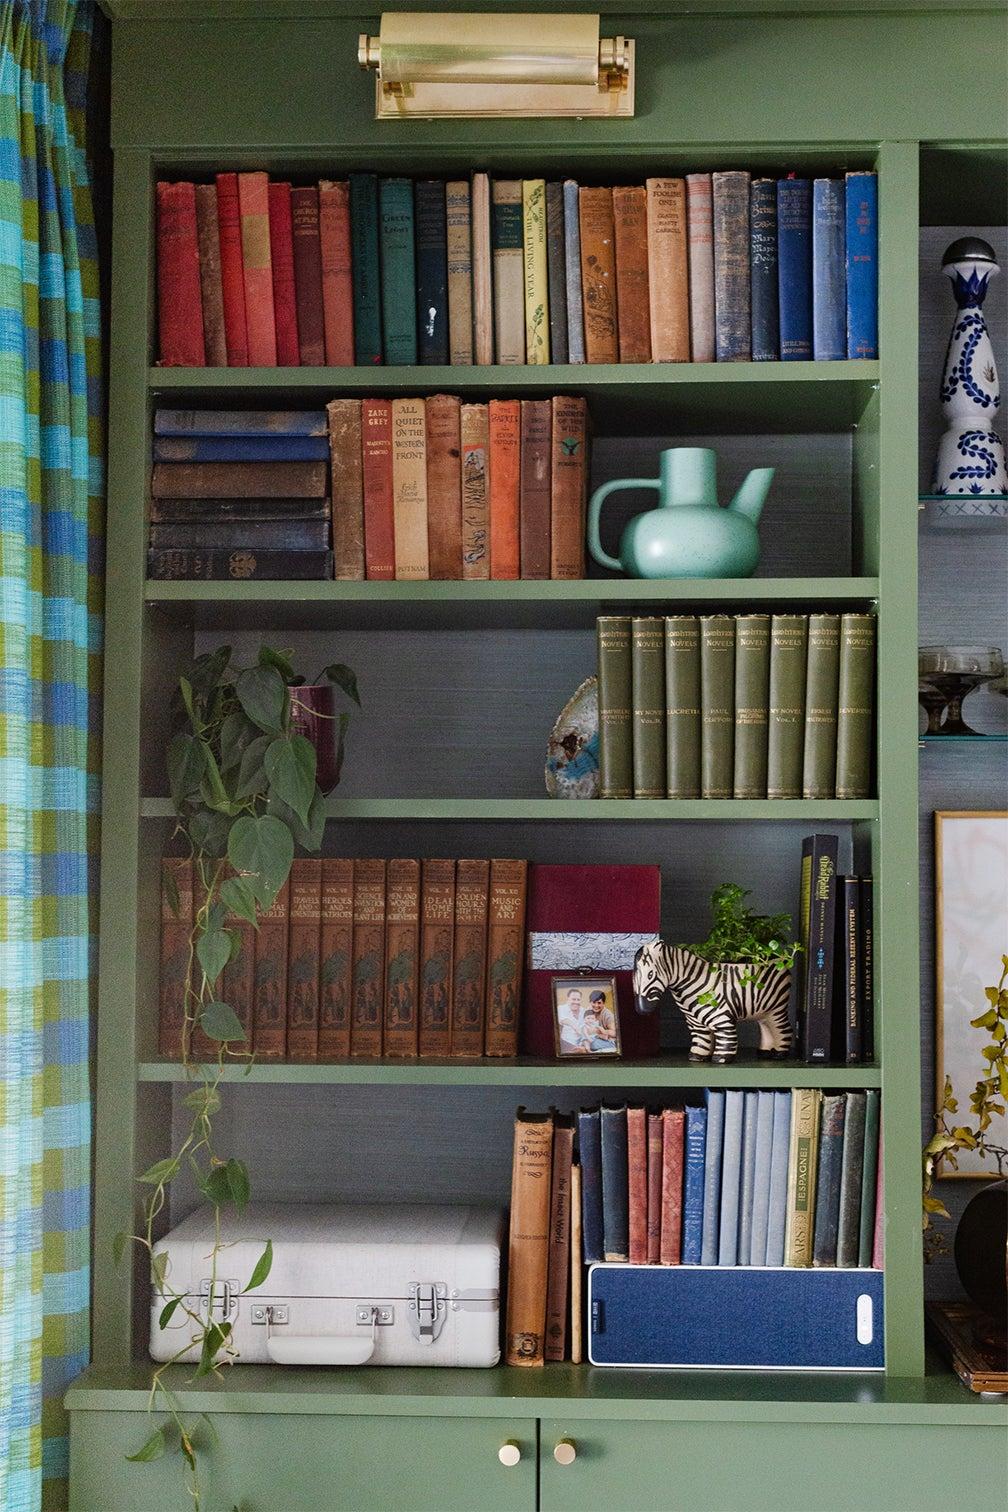 books on green shelves